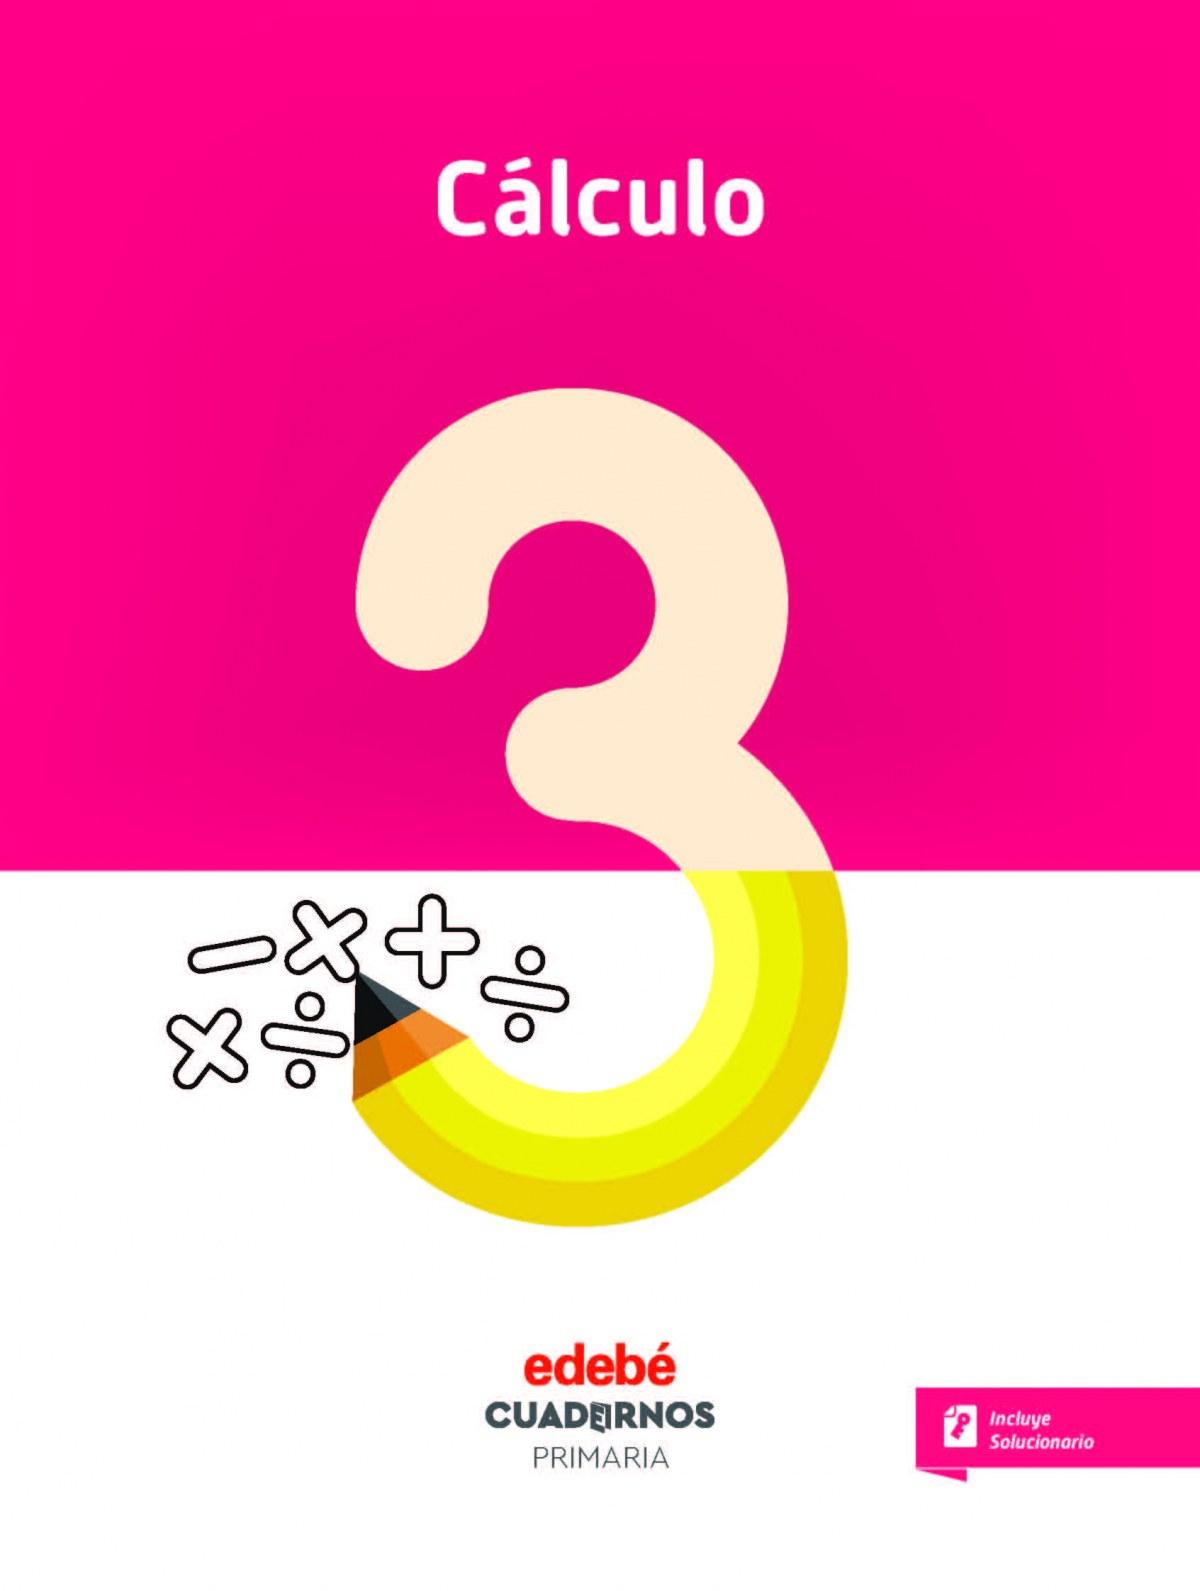 CUADERNO CÁLCULO 3 9788468335780